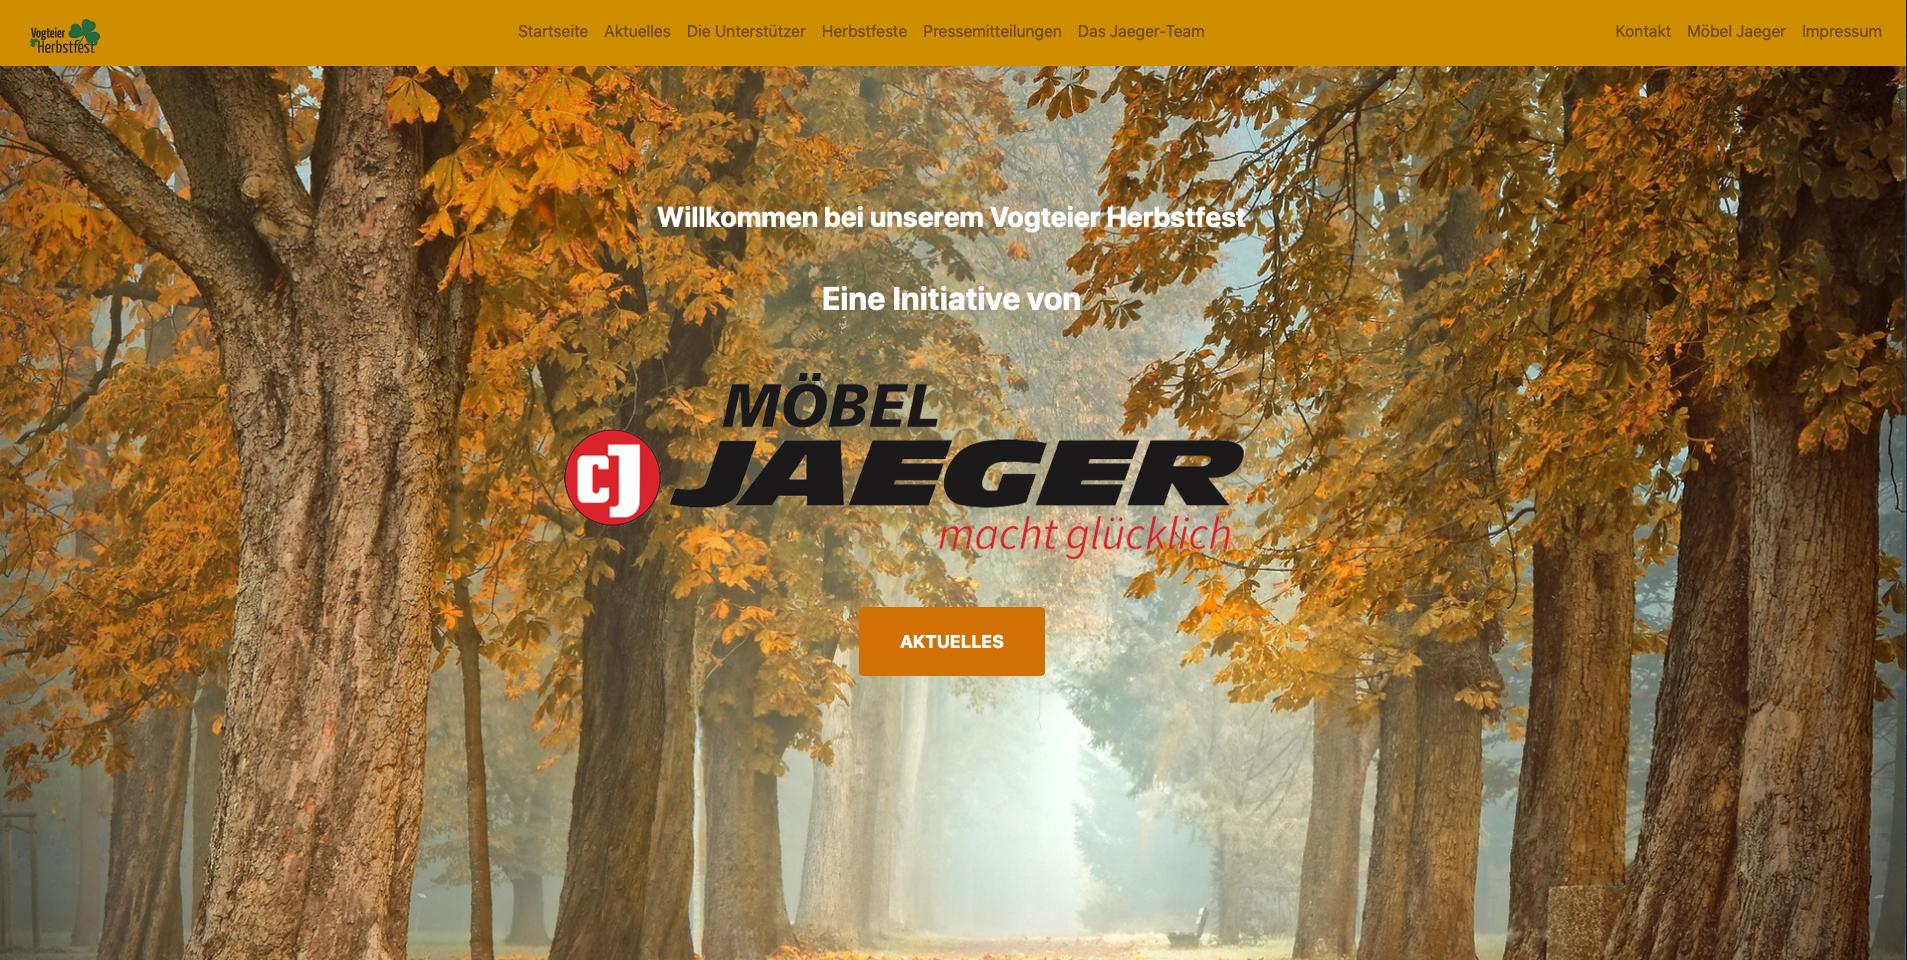 vogteier-herbstfest.de